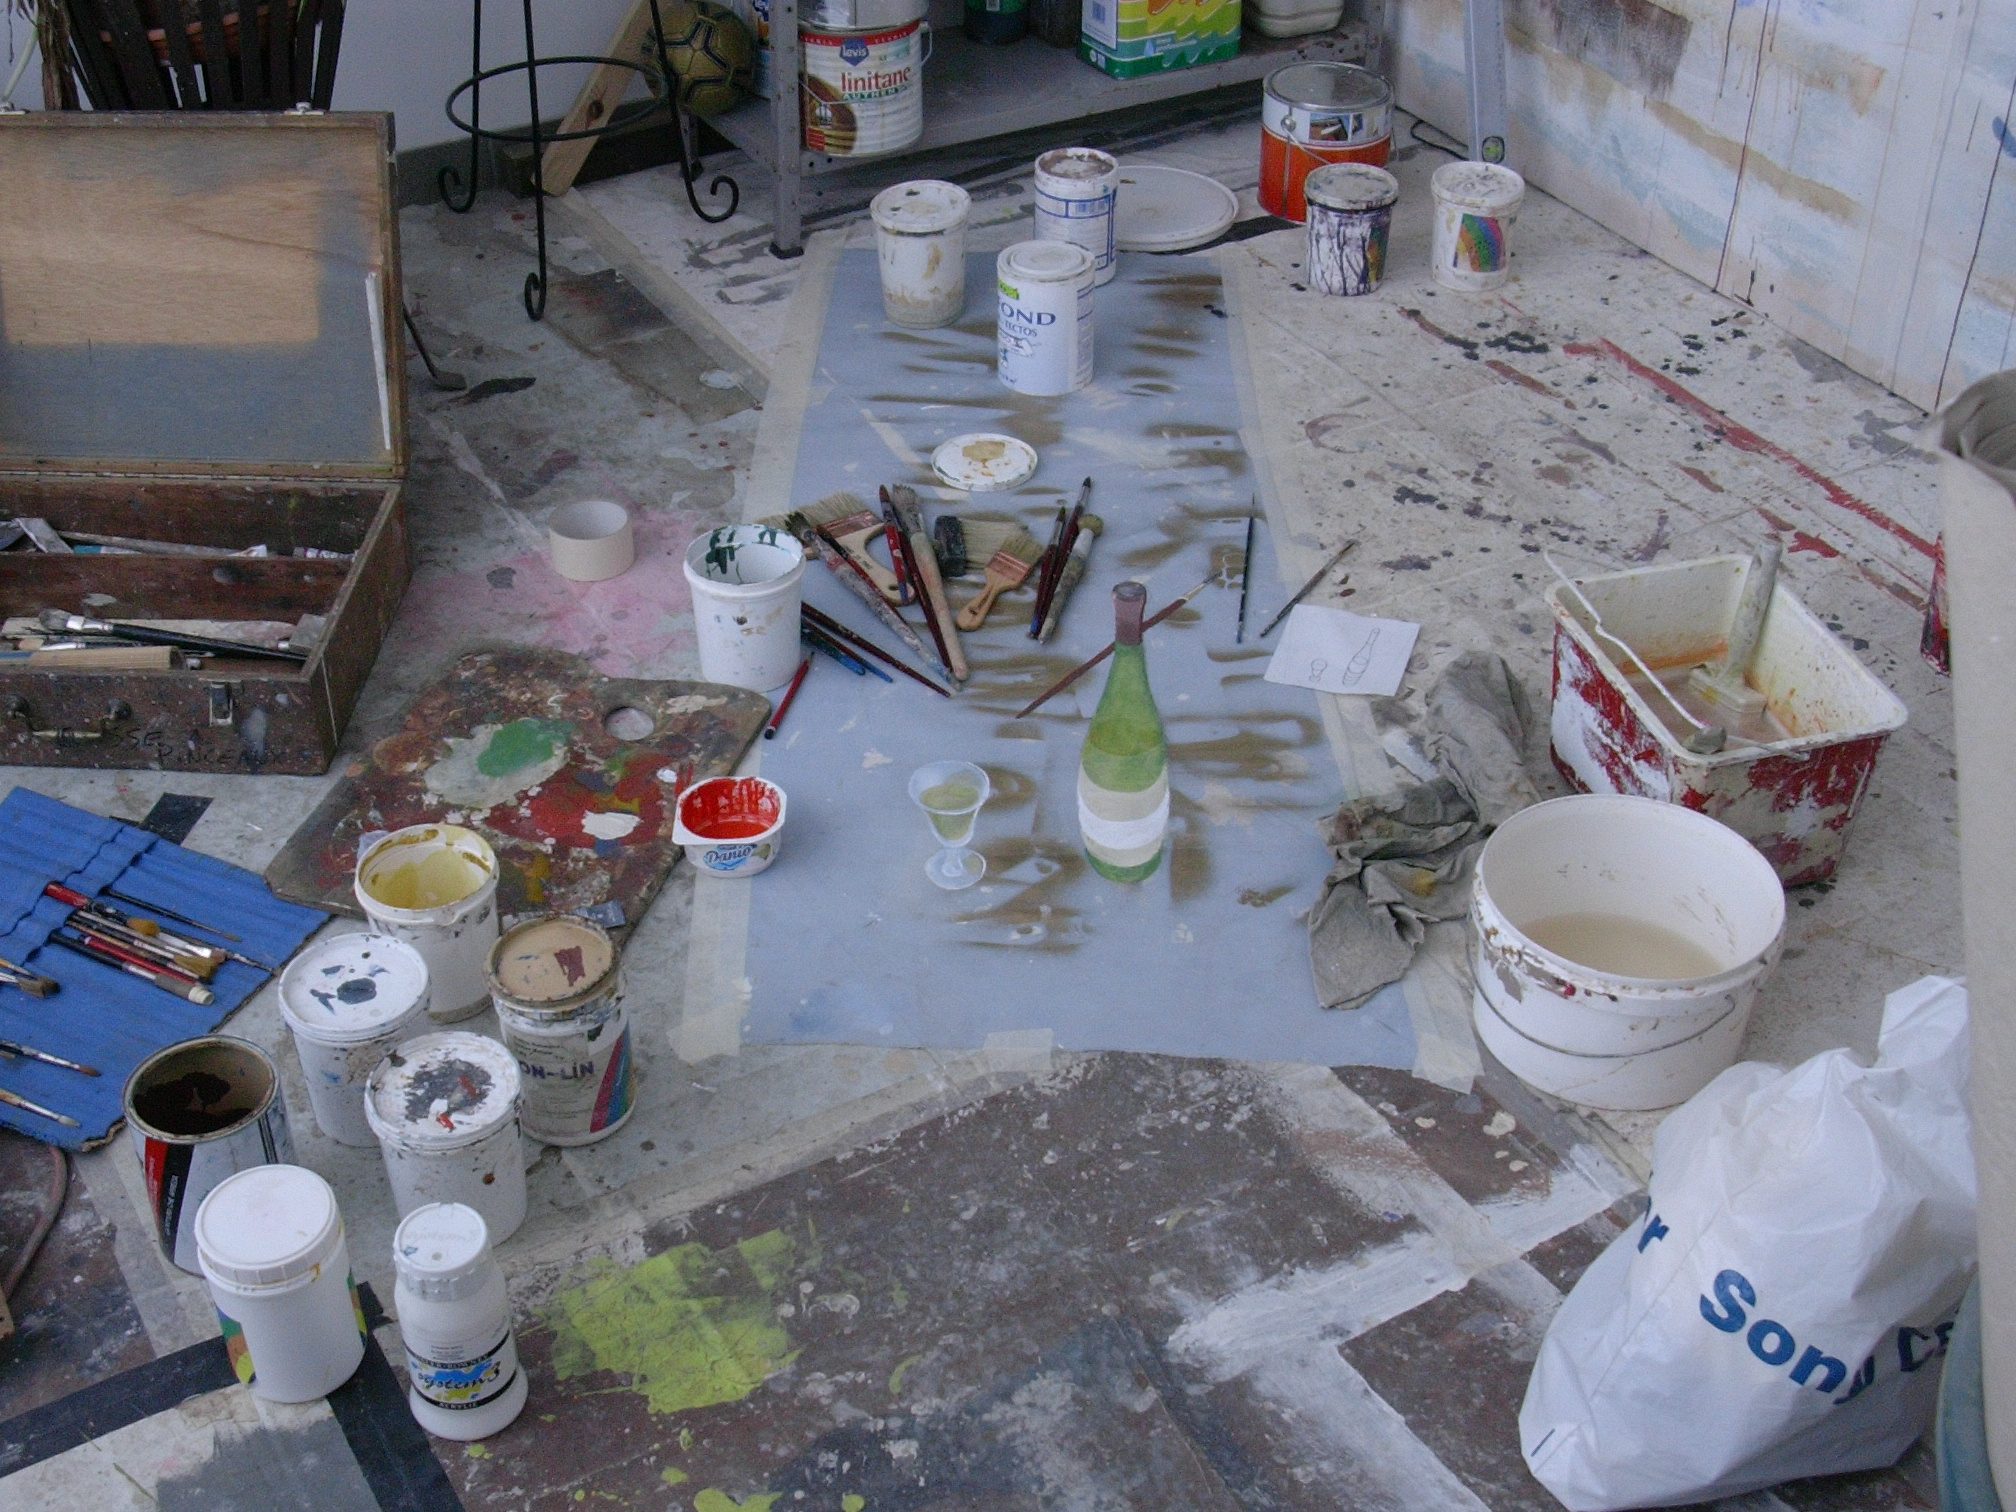 une bouteille peinte sur en trompe l'oeil sur un canvas